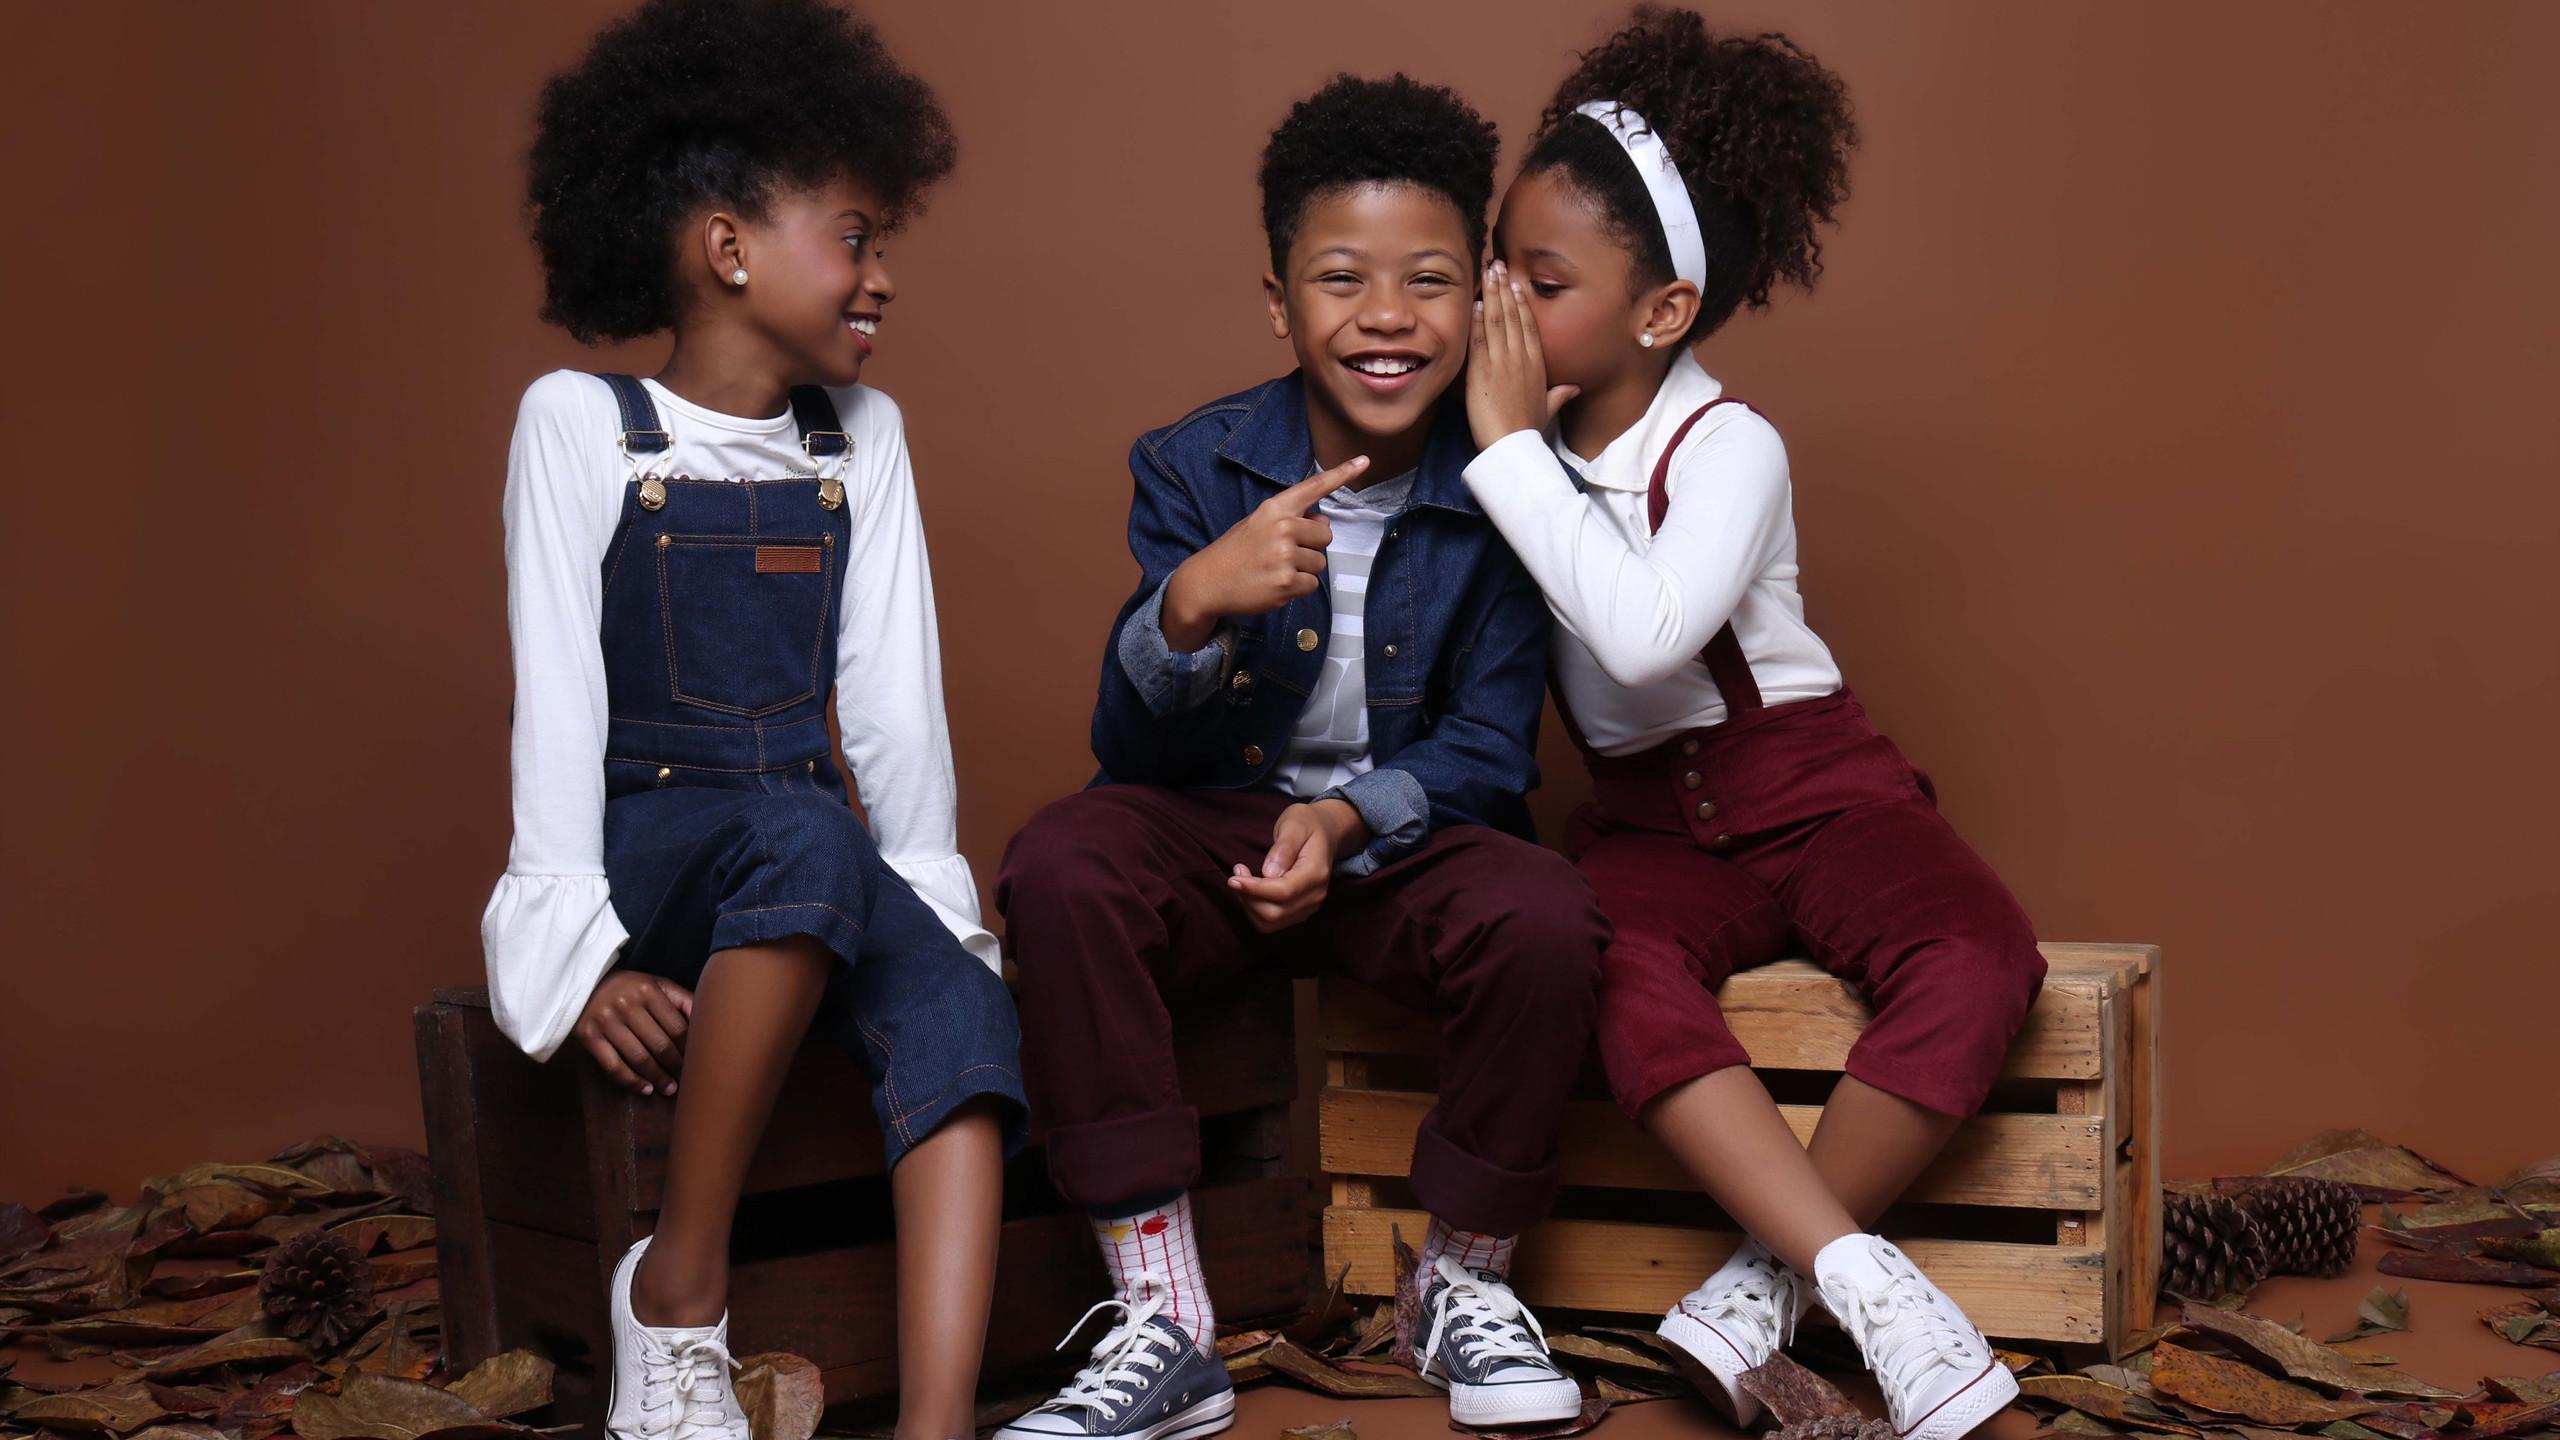 Da direita para a esquerda: Modelo 1: Blusa: Color Girl, Tênis: Converse e Jardineira: Amapô. Modelo 2: Blazer: Amapô Jeans (acervo), Blusa : Gijo, Tênis: Converse, Calça: Okyside e Meia: Cantarola  Modelo 3: Blusa: Color Girl, Calça com suspensório: Edamami, Tênis: Converse e Tiara: acervo.